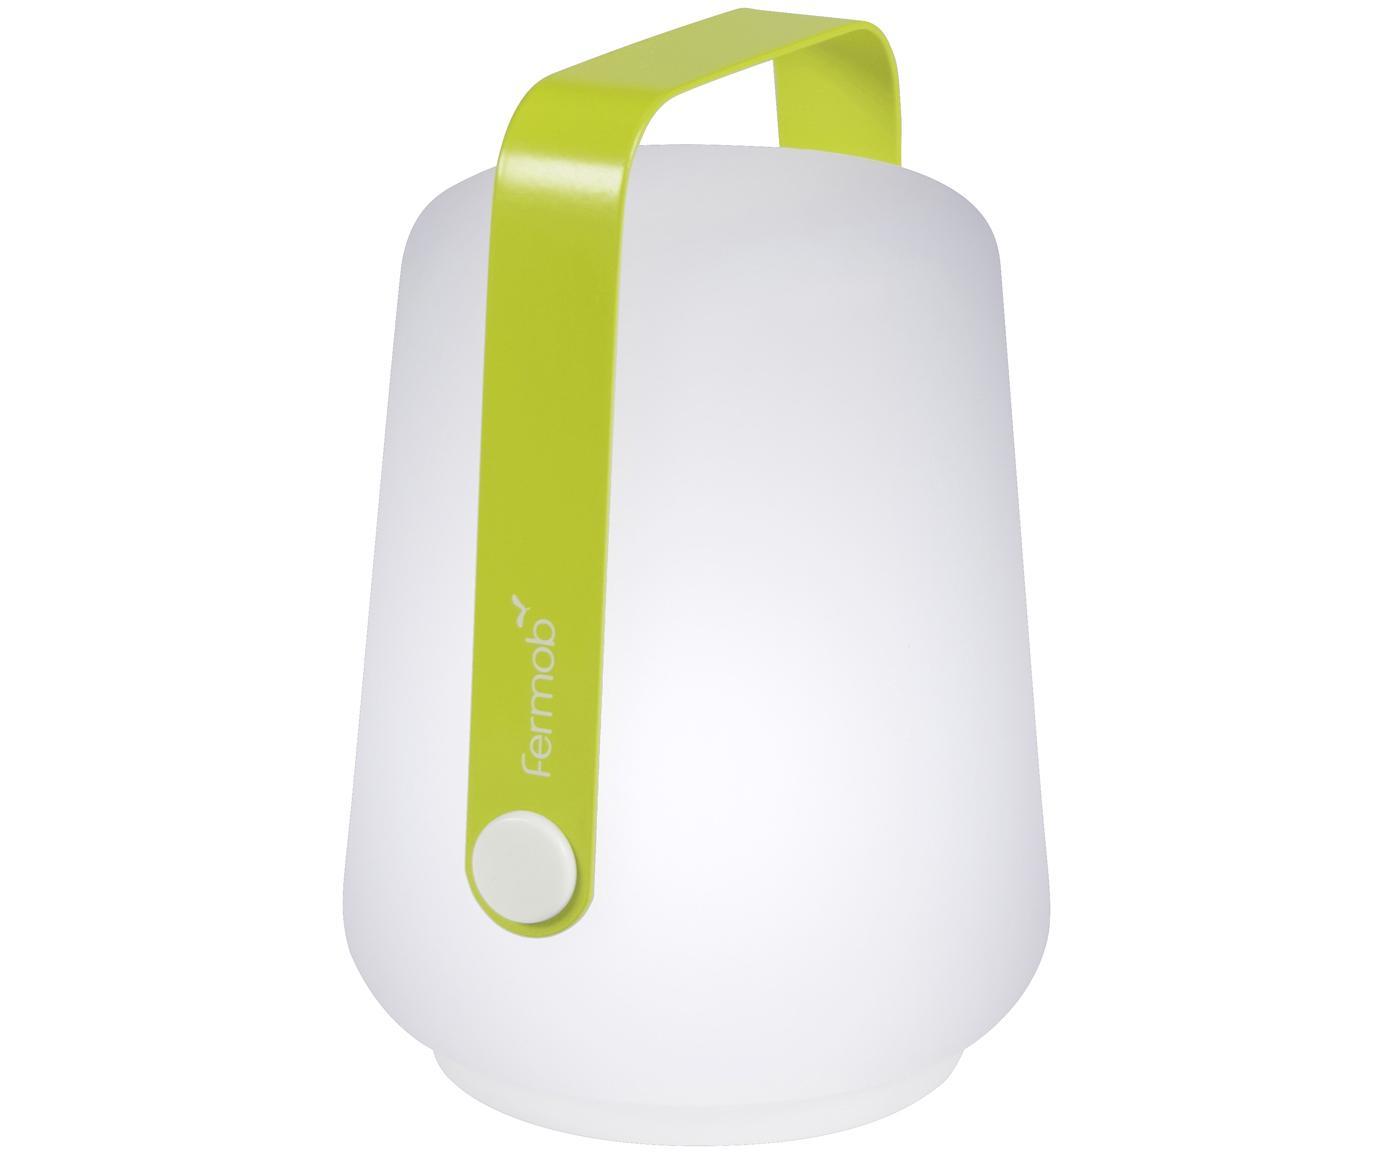 Mobile LED Außenleuchten Balad, 3 Stück, Lampenschirm: Polyethylen, Griff: Aluminium, lackiert, Hellgrün, Ø 10 x H 13 cm